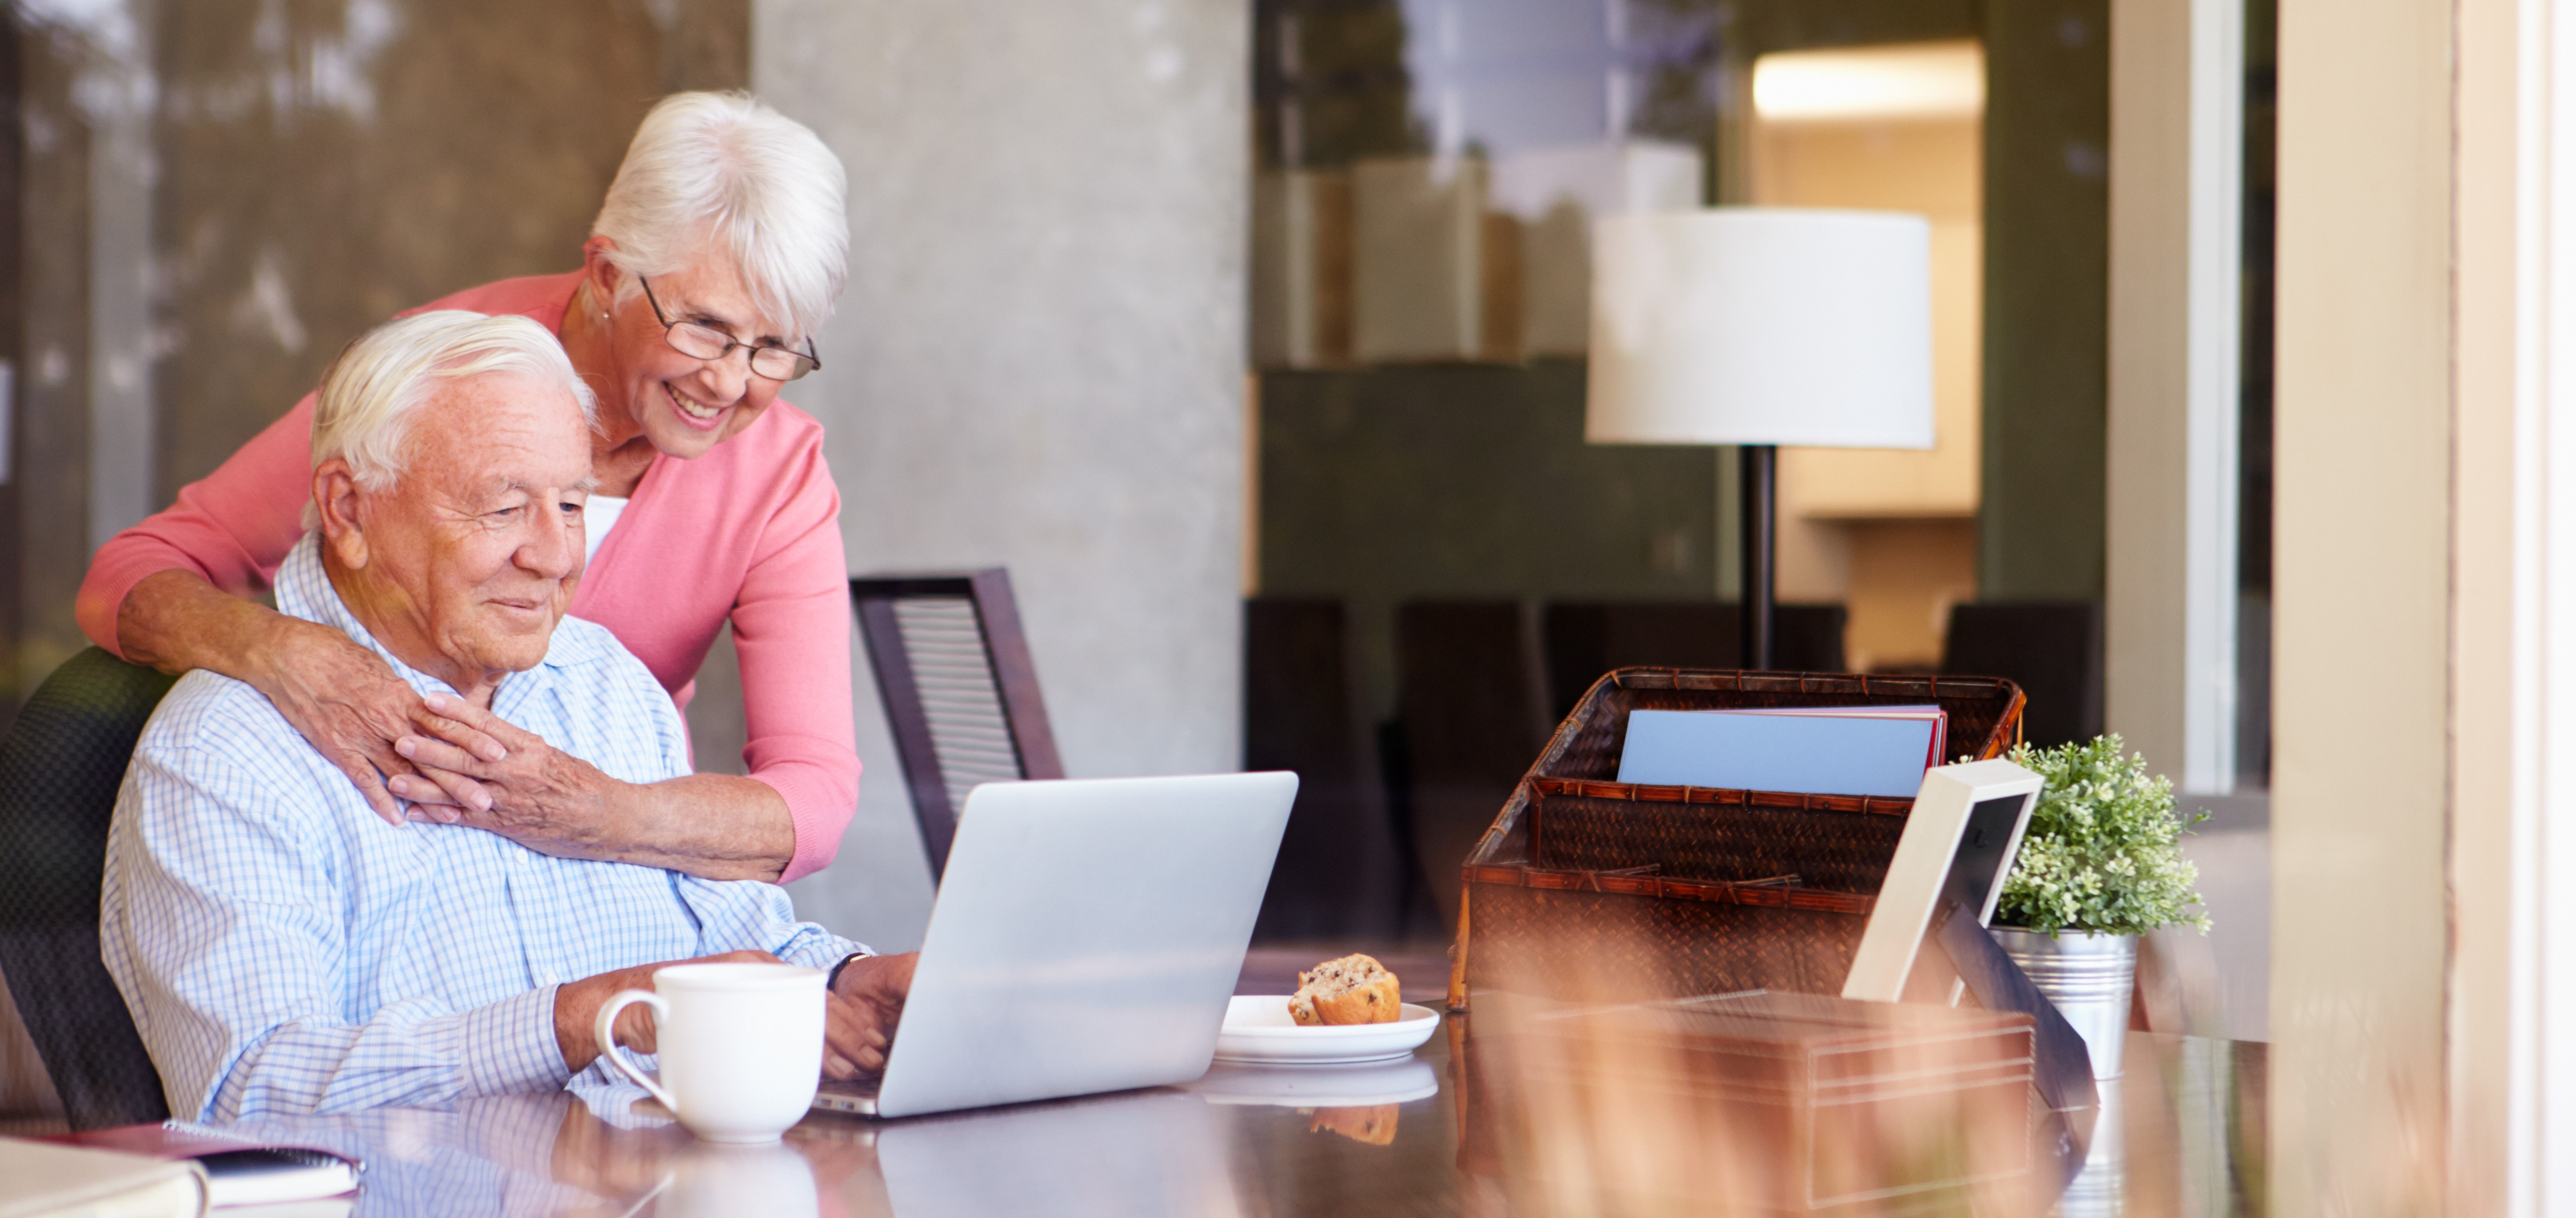 Sprachenlernen im Alter – hat es die Jugend leichter?